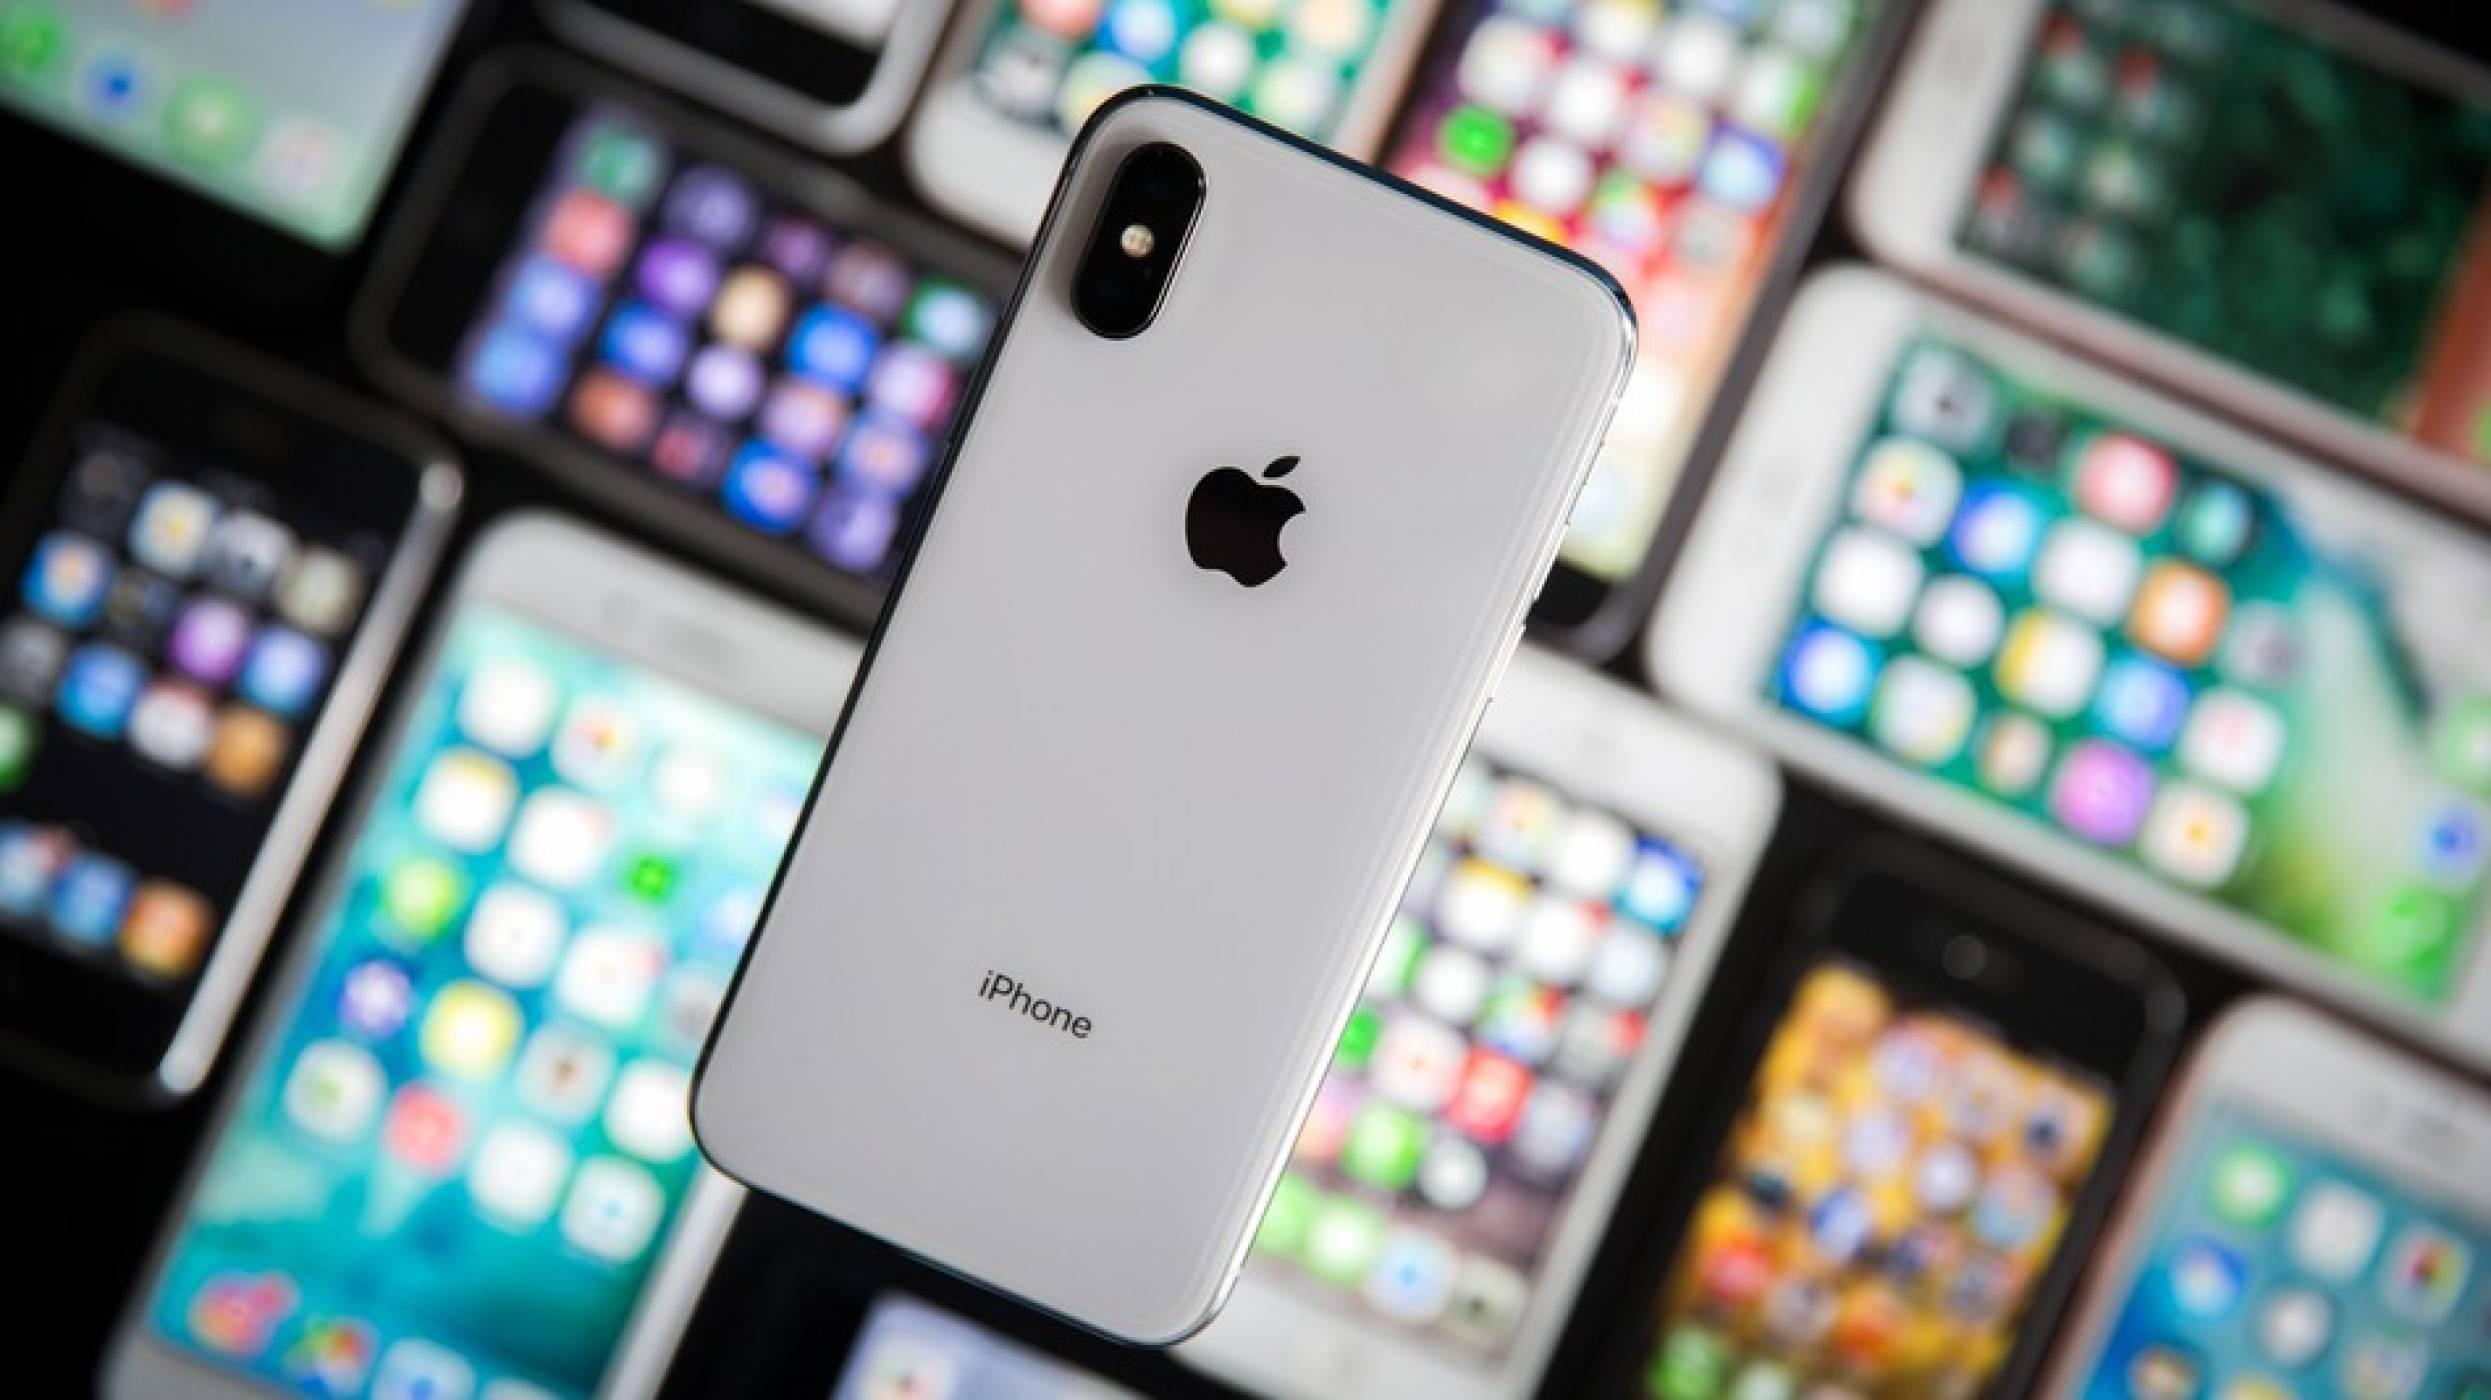 Китайски съд забрани вноса и продажбите на iPhone модели в страната заради Qualcomm